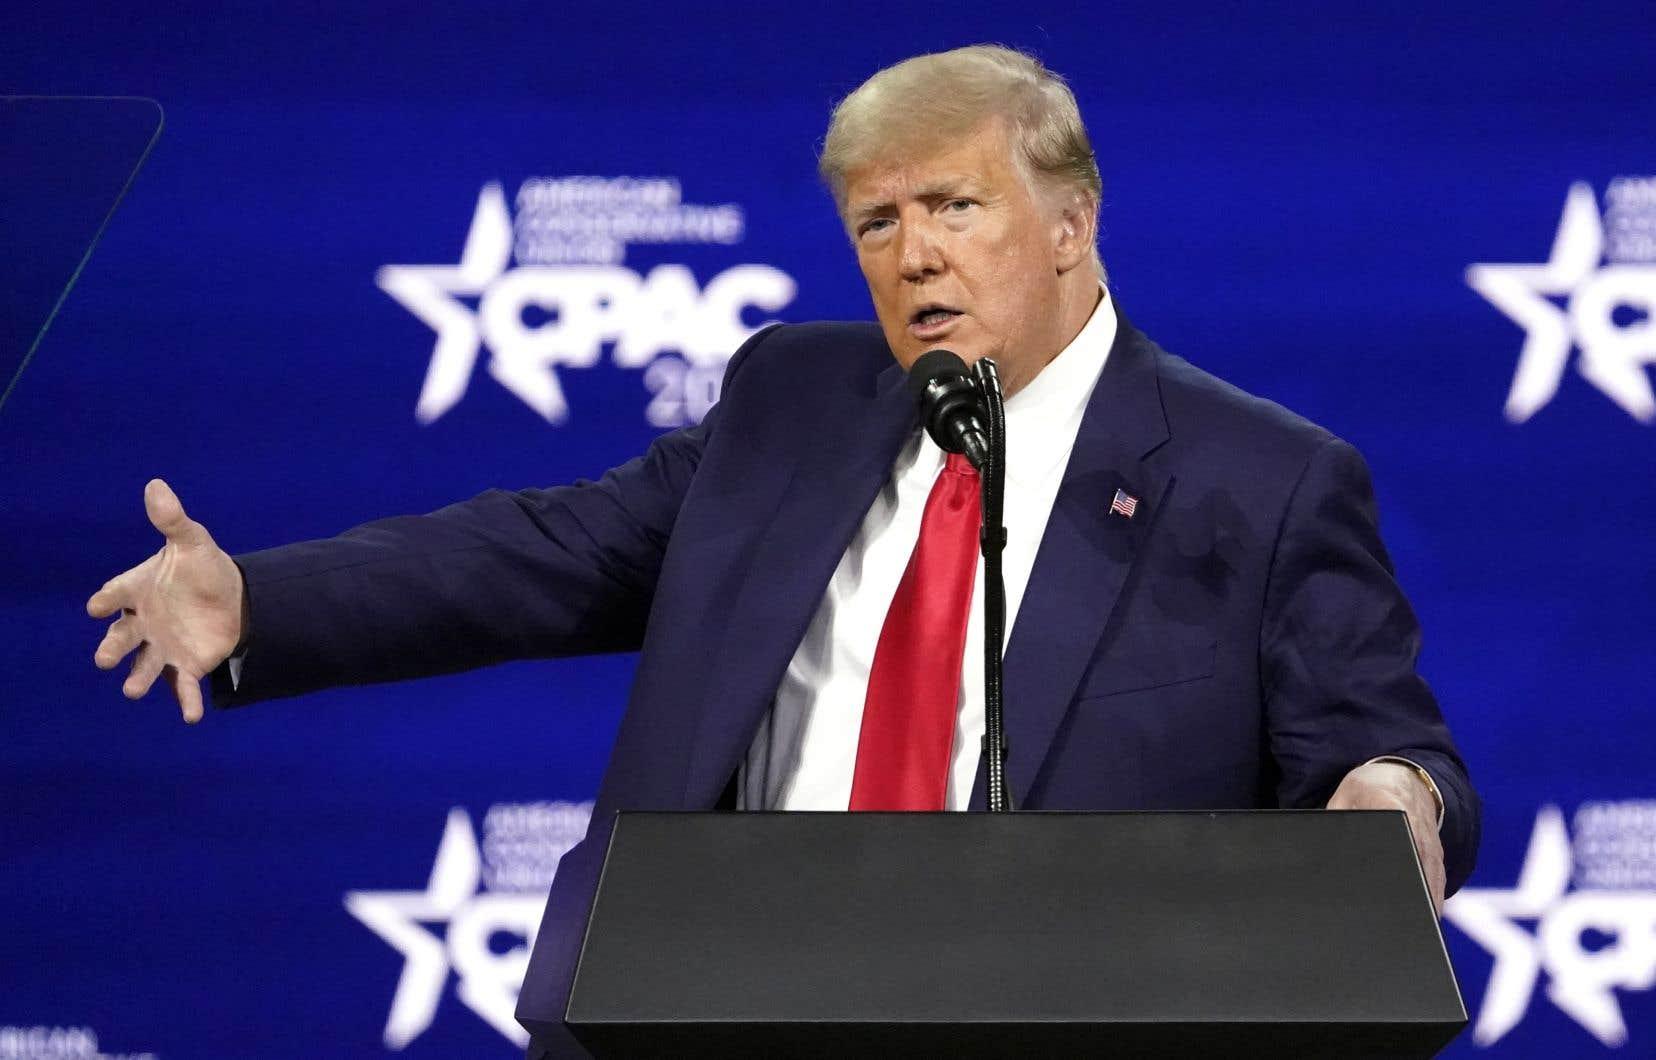 L'ancien président Donald Trump, lors de son discours au congrès du Conservatice Political Action Conference